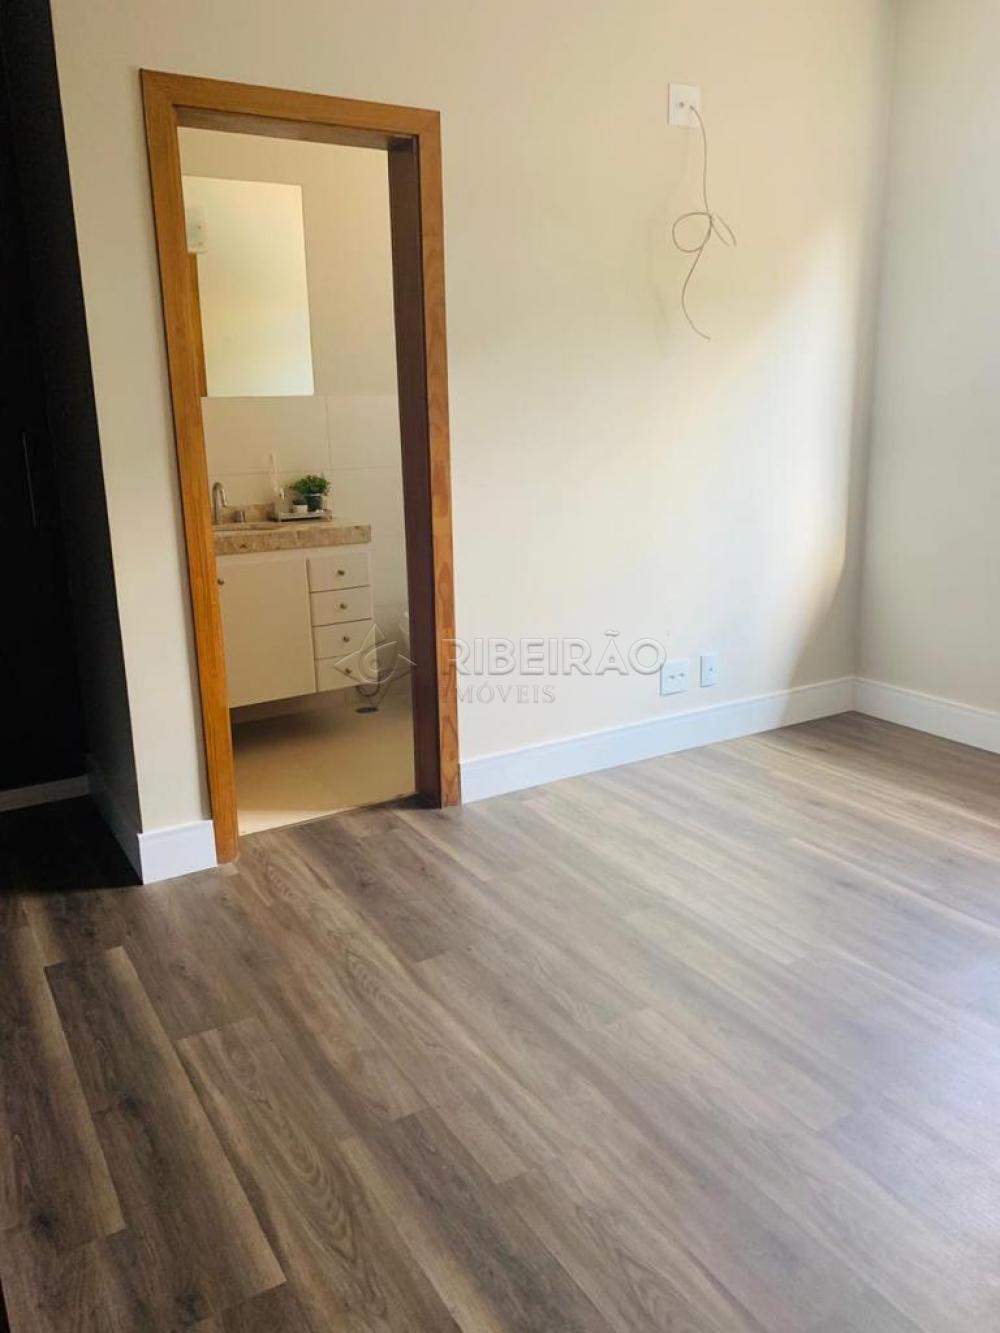 Comprar Casa / Condomínio em Bonfim Paulista R$ 1.550.000,00 - Foto 12